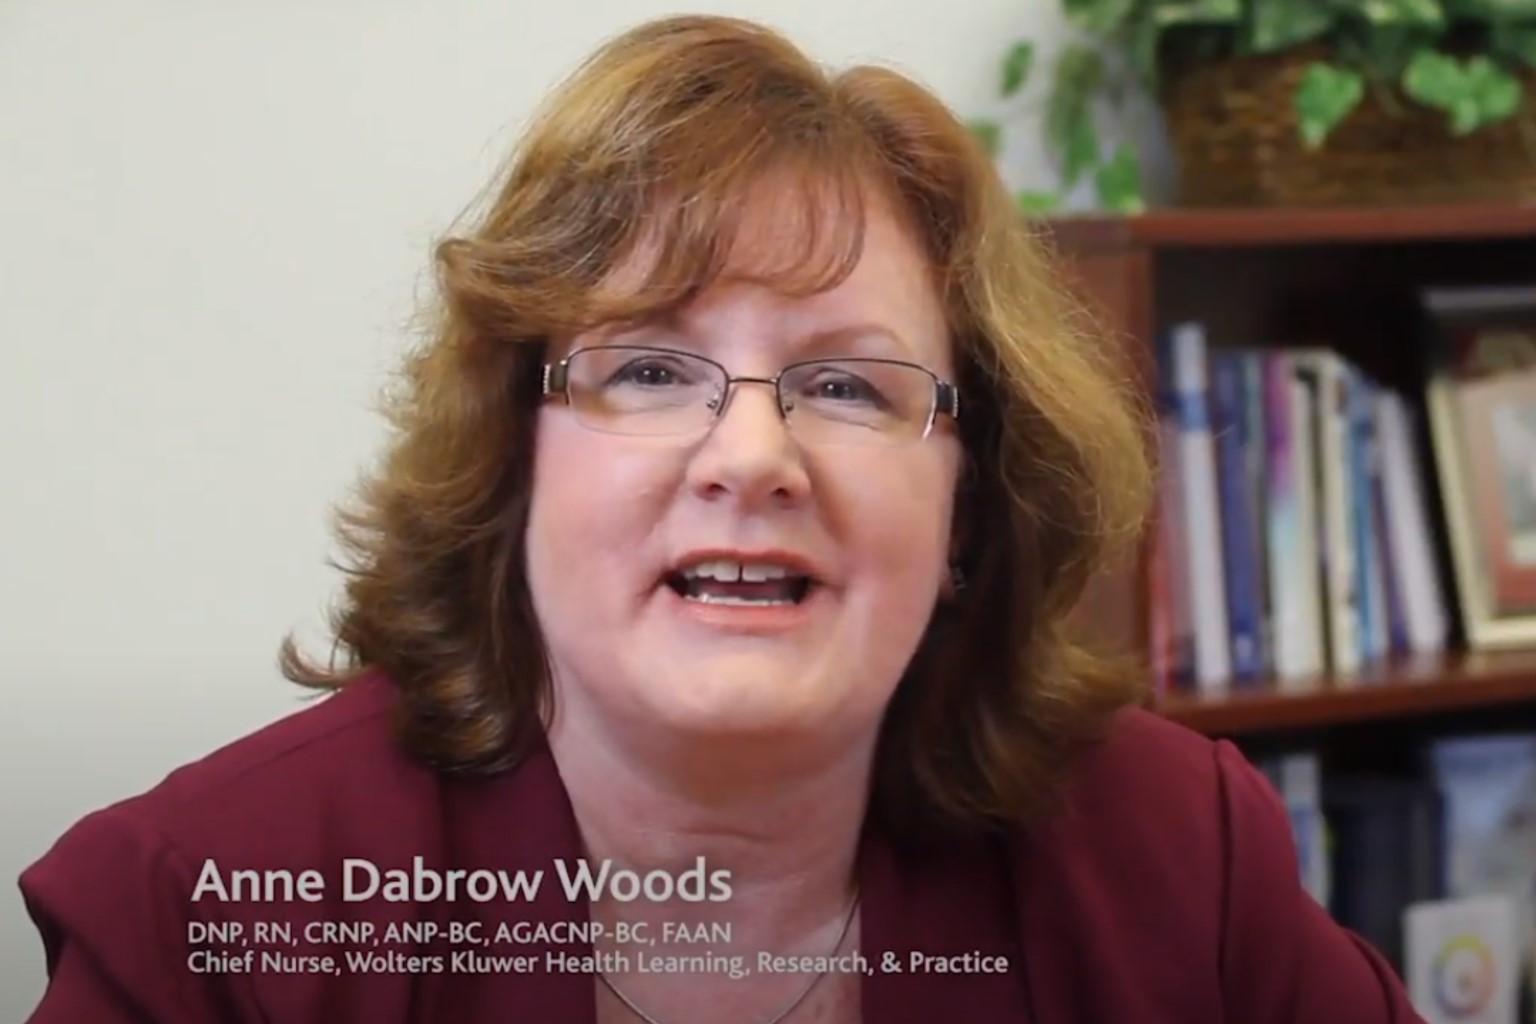 Anne Woods, Wolters Kluwer Chief Nurse on Lippincott Advisor